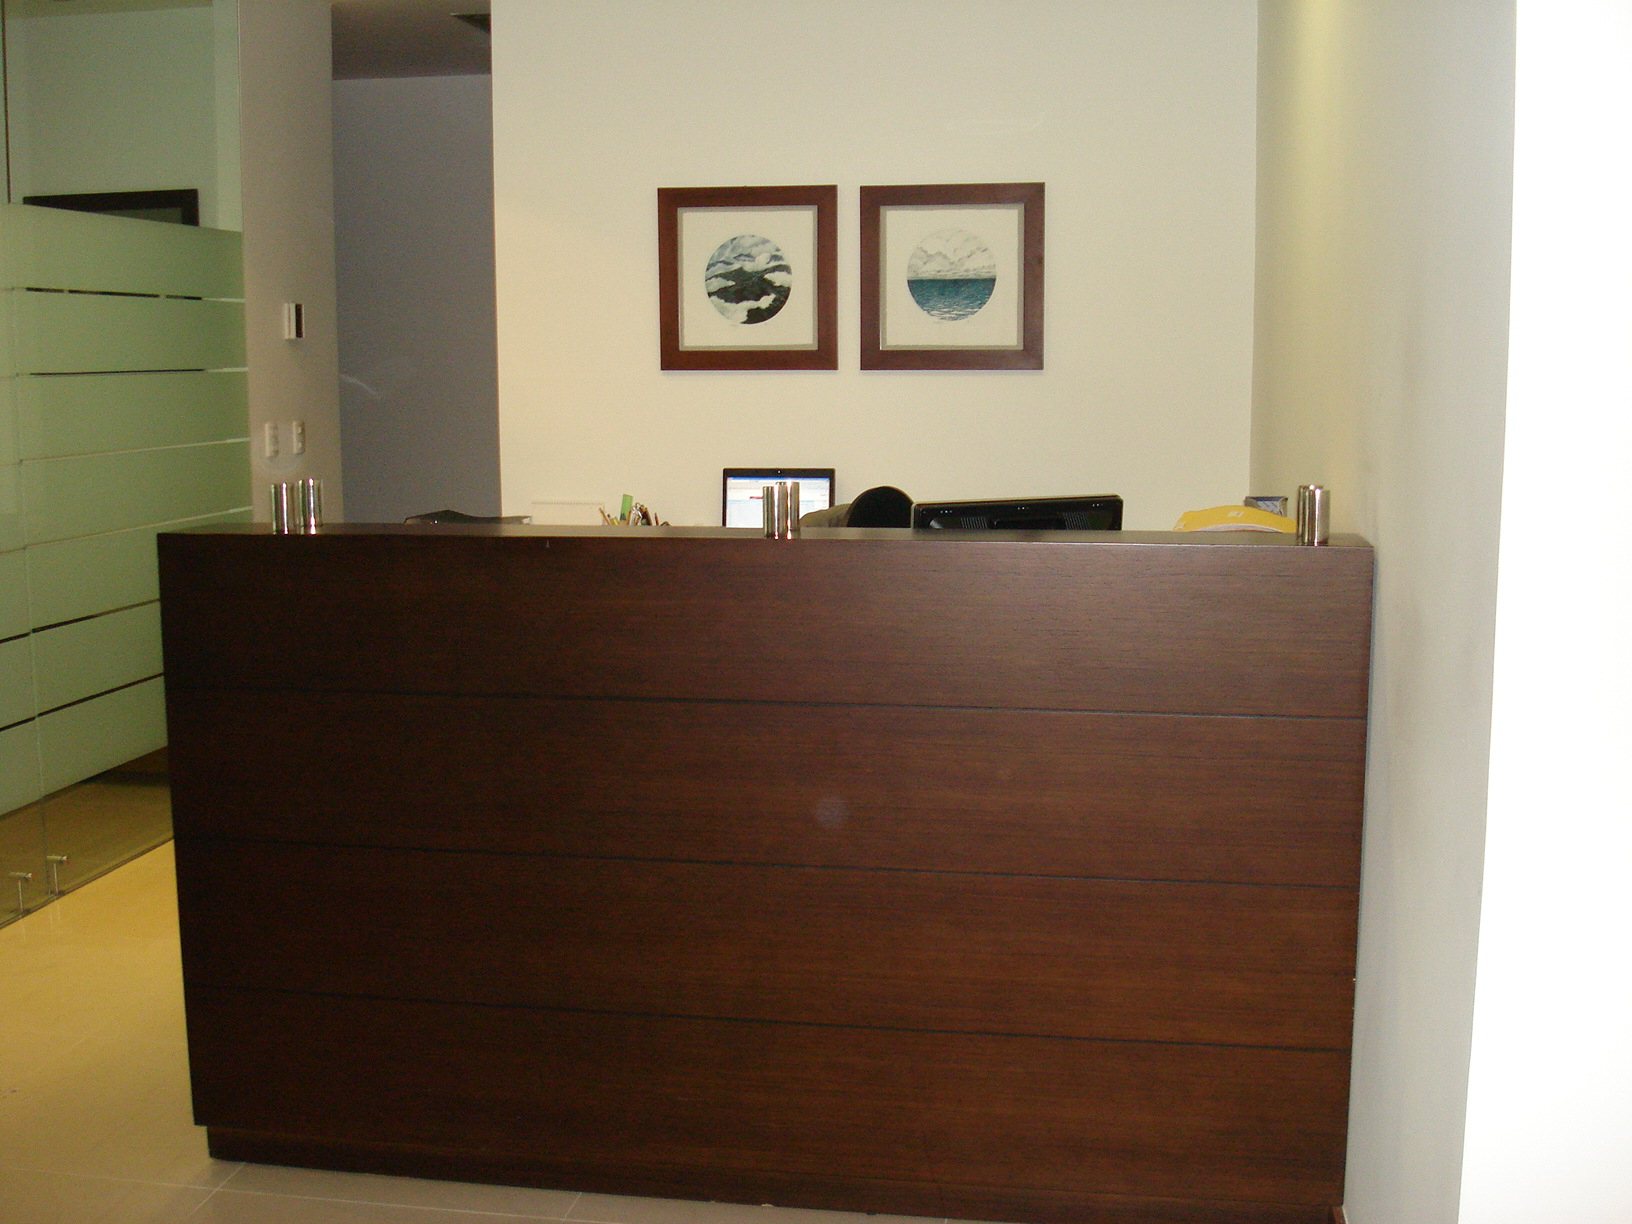 Mobiliario Peluqueria Segunda Mano Wddj Muebles Recepcion Para Clanicas Oficina Baratos Autocad Mobiliario